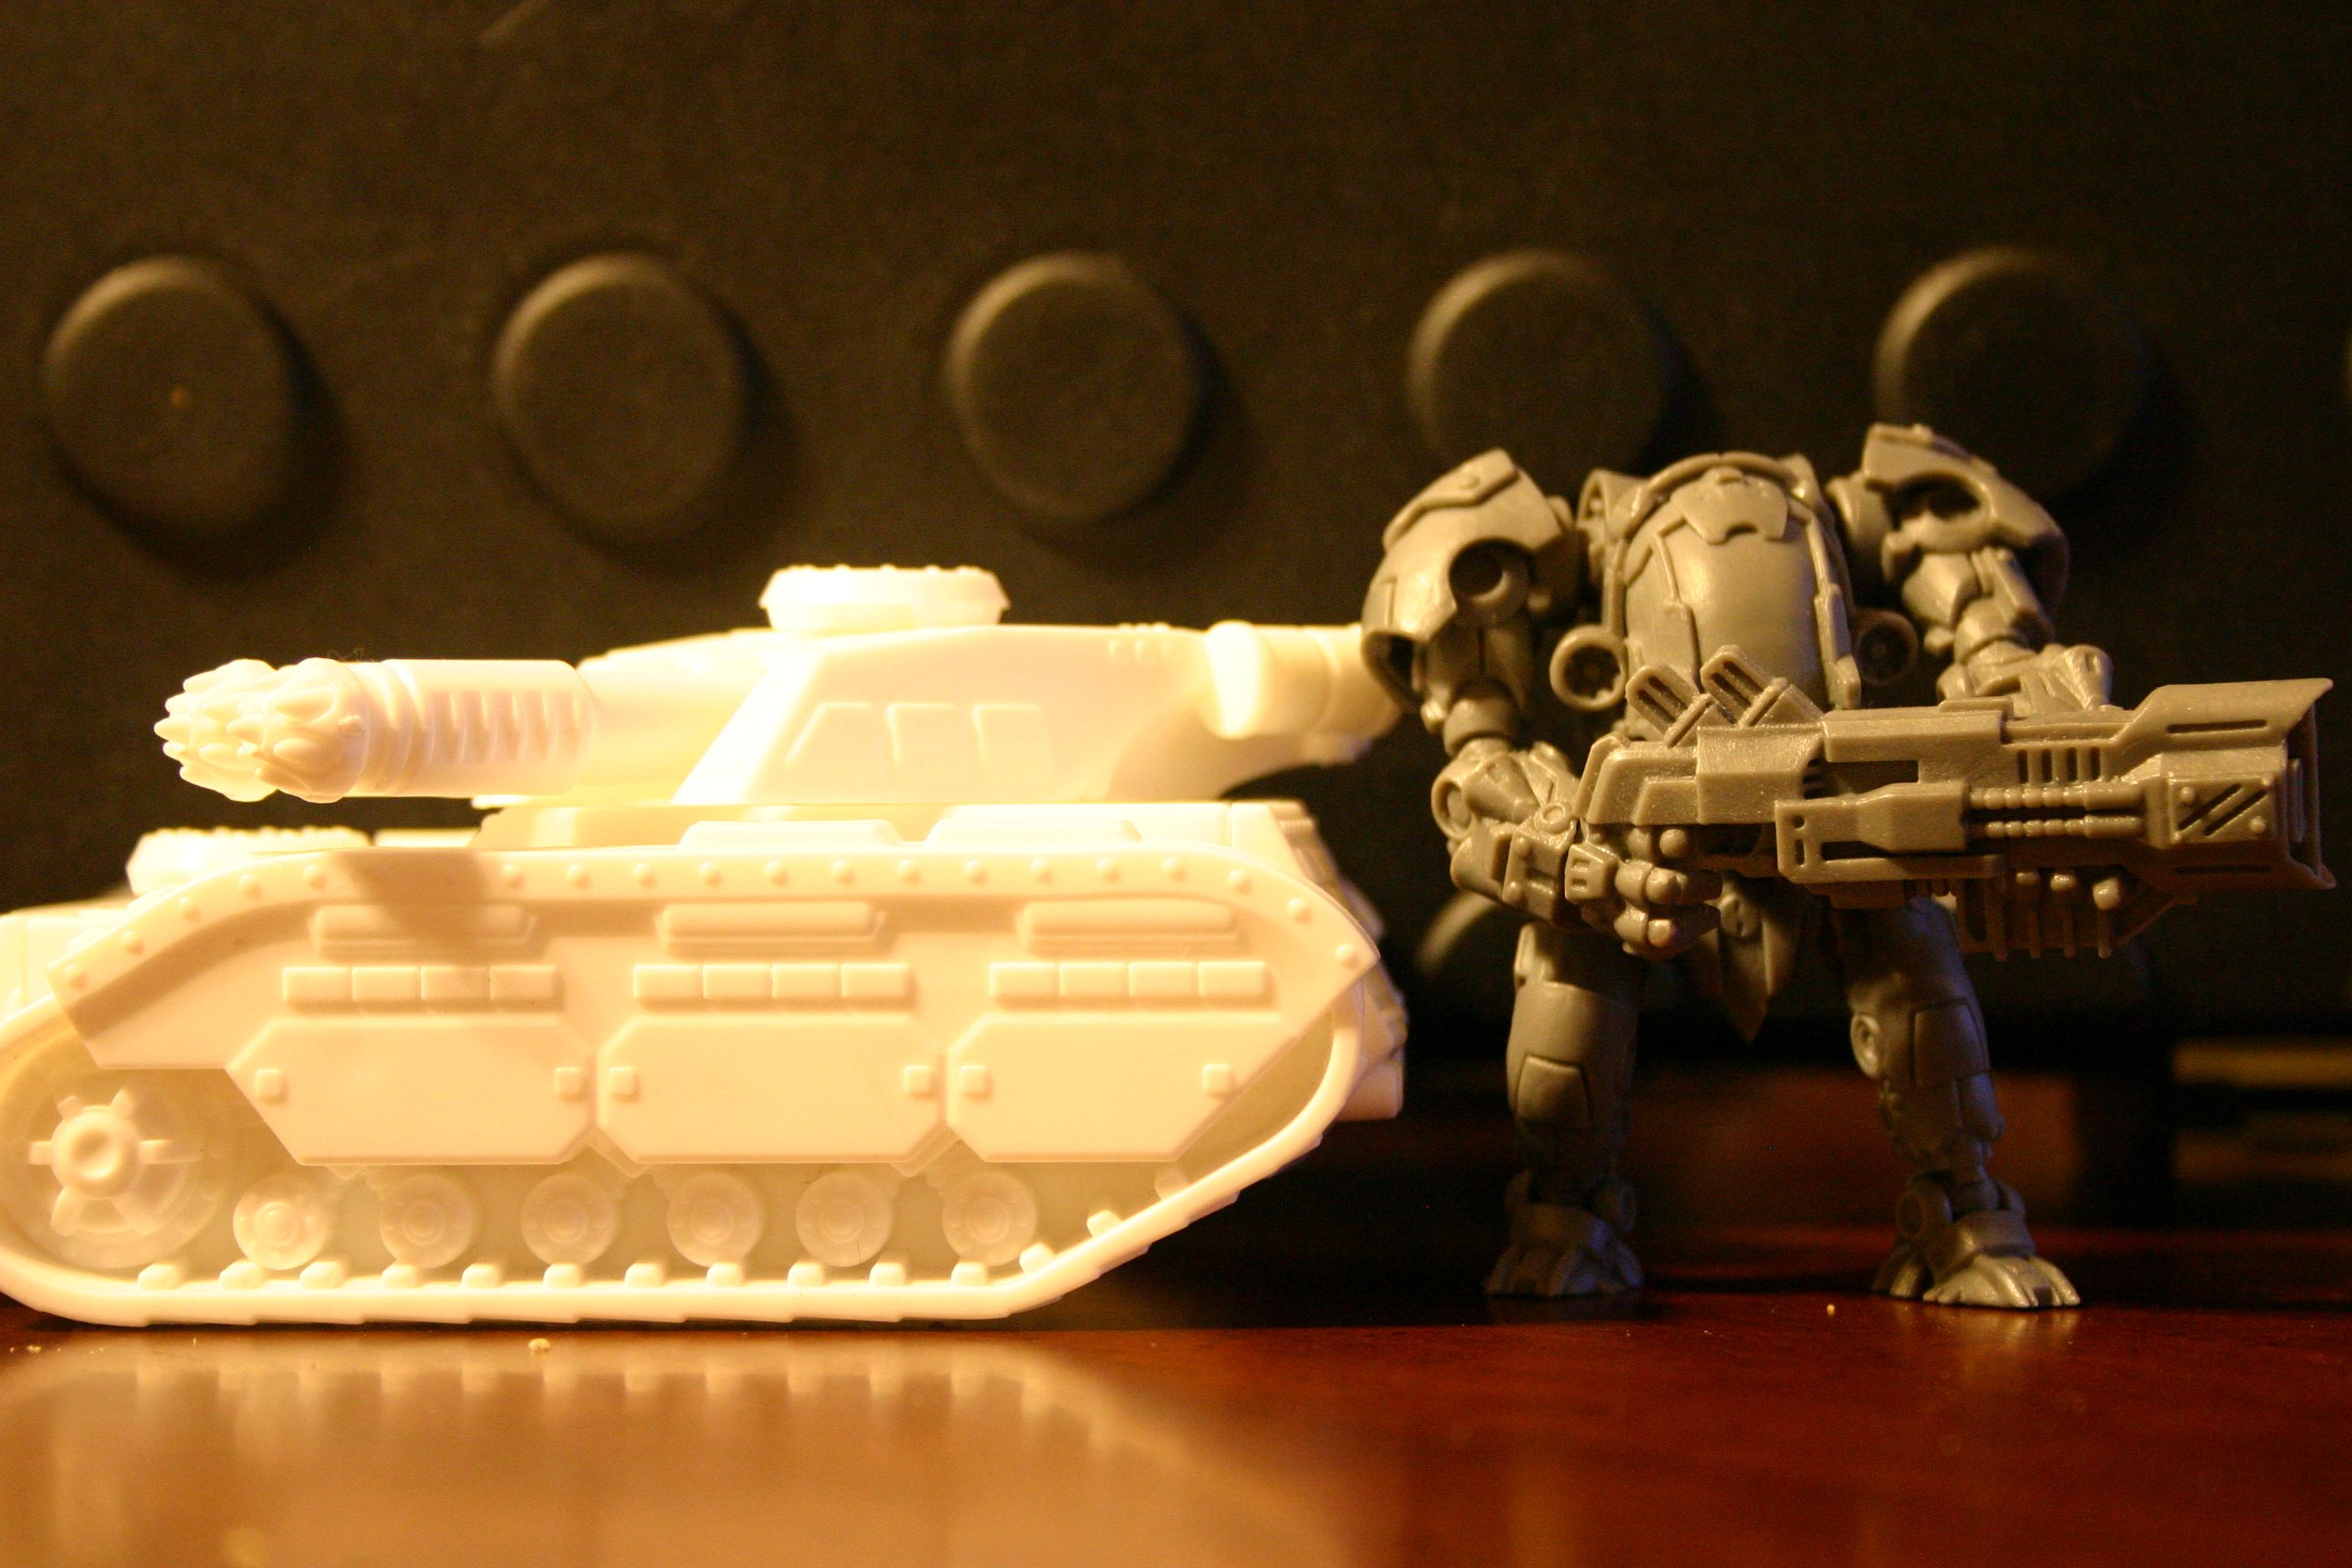 Bronekorpus, Tank, Tehnolog